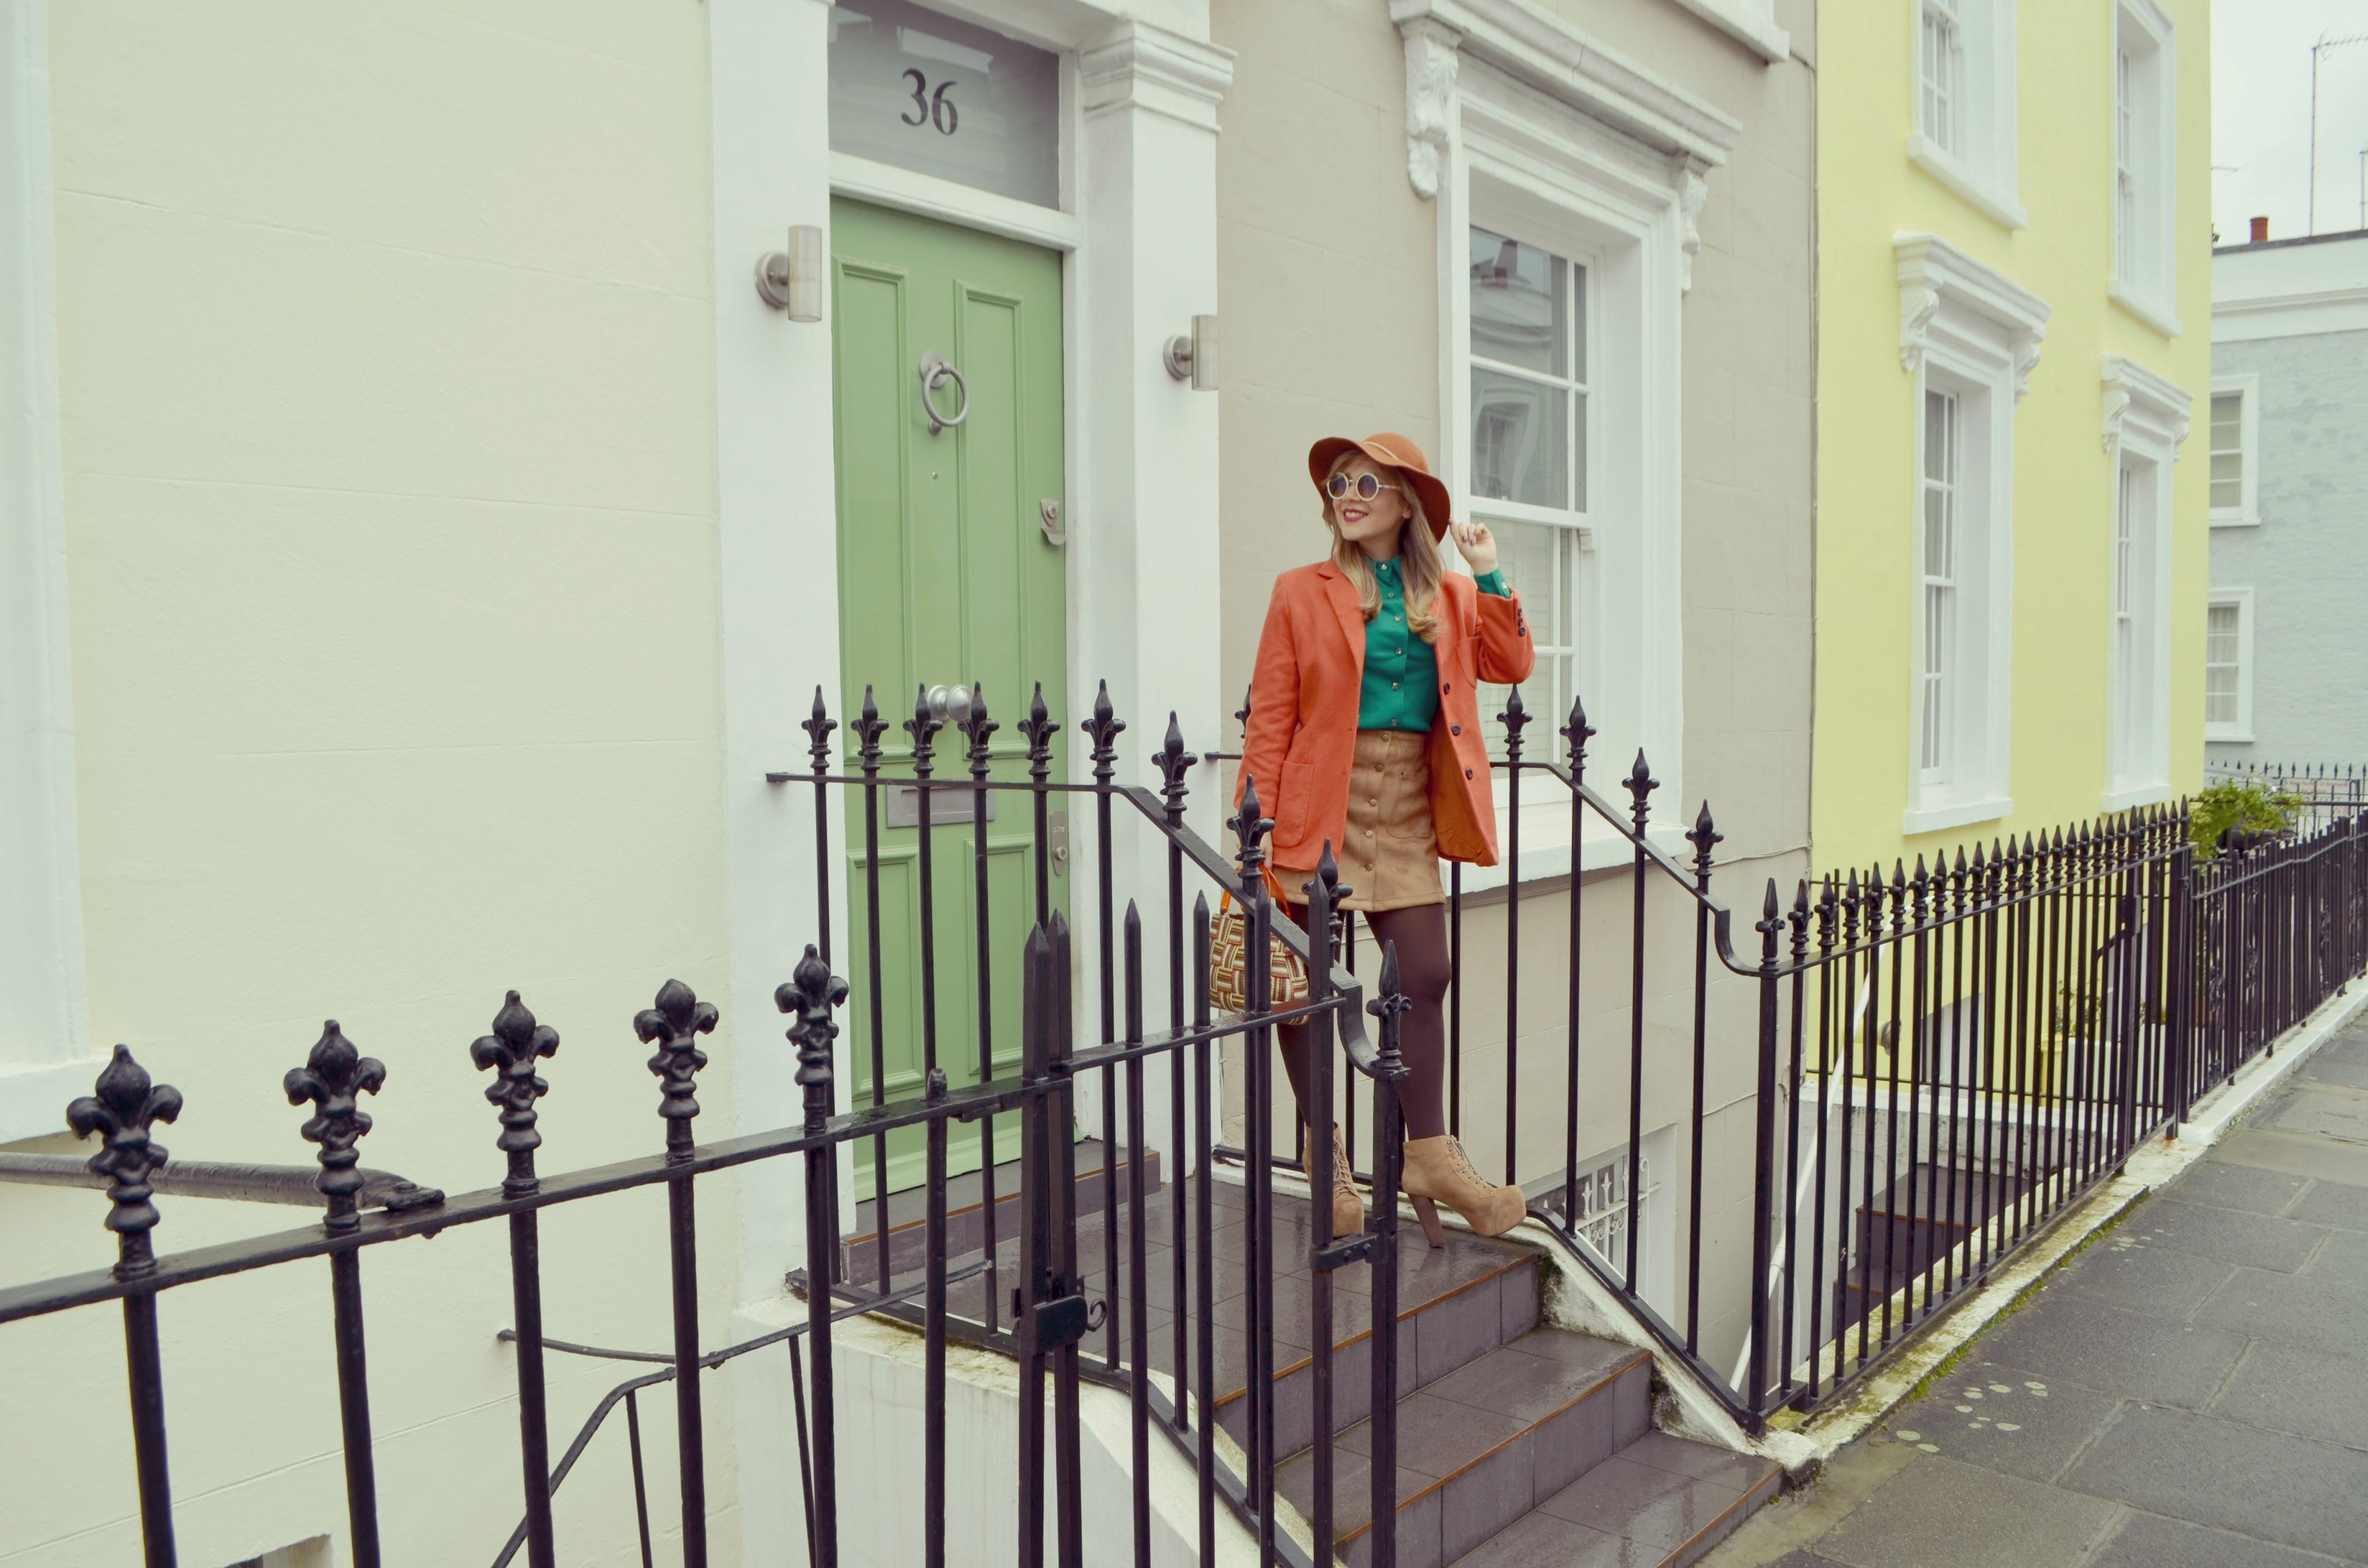 Blog-de-moda-ChicAdicta-Vintage-look-Chic-Adicta-london-street-style-camel-outfit-JustFab-PiensaenChic-Piensa-en-Chic